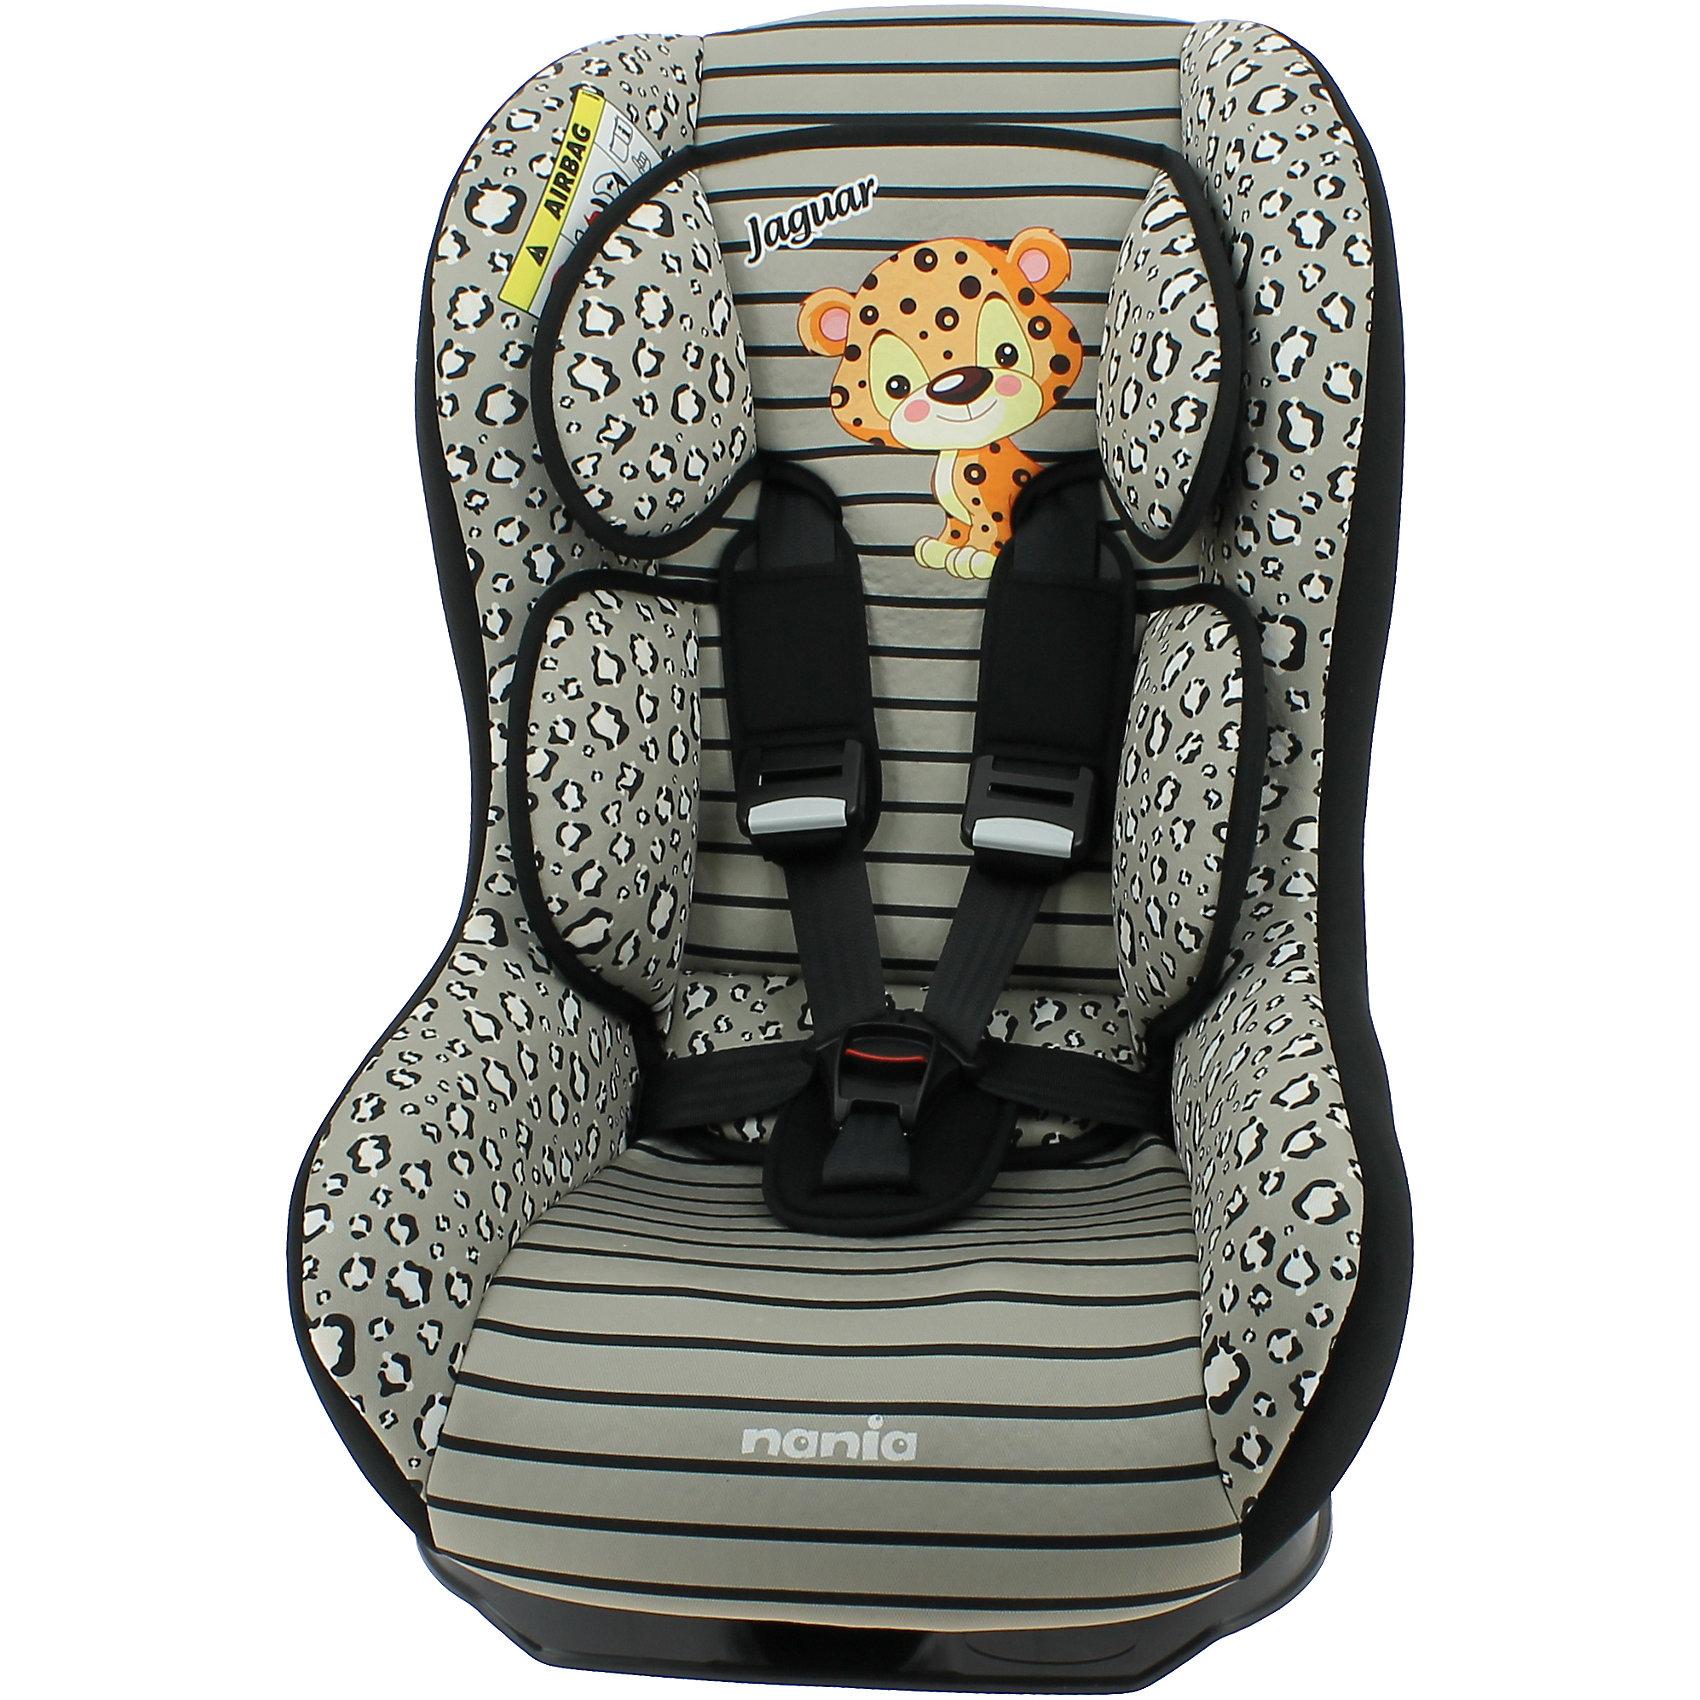 Автокресло Nania Driver 0-18 кг, jaguarГруппа 0+, 1 (До 18 кг)<br>Характеристики:<br><br>• группа: 0/1;<br>• вес ребенка: до 18 кг;<br>• возраст ребенка: от рождения до 4-х лет;<br>• способ установки: по ходу движения автомобиля;<br>• способ крепления: с помощью штатных ремней безопасности автомобиля;<br>• наличие мягкого анатомического вкладыша с подголовником;<br>• регулируемый угол наклона спинки: 5 положений включая положение «полулежа»;<br>• 5-ти точечные ремни безопасности оснащены мягкими плечевыми накладками;<br>• ремни регулируются по длине и высоте – 3 уровня;<br>• усиленная боковая защита SP - Side Protection;<br>• съемные чехлы, стирка при температуре 30 градусов;<br>• материал: пластик, полиэстер;<br>• размеры автокресла: 54х45х61 см;<br>• размер сиденья: 31х31 см;<br>• высота спинки: 55 см;<br>• вес автокресла: 5,7 кг.<br><br>Автокресло устанавливается на заднем сидении автомобиля или на переднем сидении автомобиля с обязательным условием отключения подушки безопасности. Автокресло укомлпектовано вкладышем для новорожденного, подголовником и двумя дополнительными подушками. Спинка автокресла опускается от положения «сидя» до положения «полулежа». Чехлы автокресла можно снять и постирать при температуре 30 градусов.<br><br>Автокресло Driver, 0-18кг., Nania, jaguar можно купить в нашем интернет-магазине.<br><br>Ширина мм: 460<br>Глубина мм: 520<br>Высота мм: 600<br>Вес г: 5520<br>Возраст от месяцев: 0<br>Возраст до месяцев: 48<br>Пол: Унисекс<br>Возраст: Детский<br>SKU: 5569321